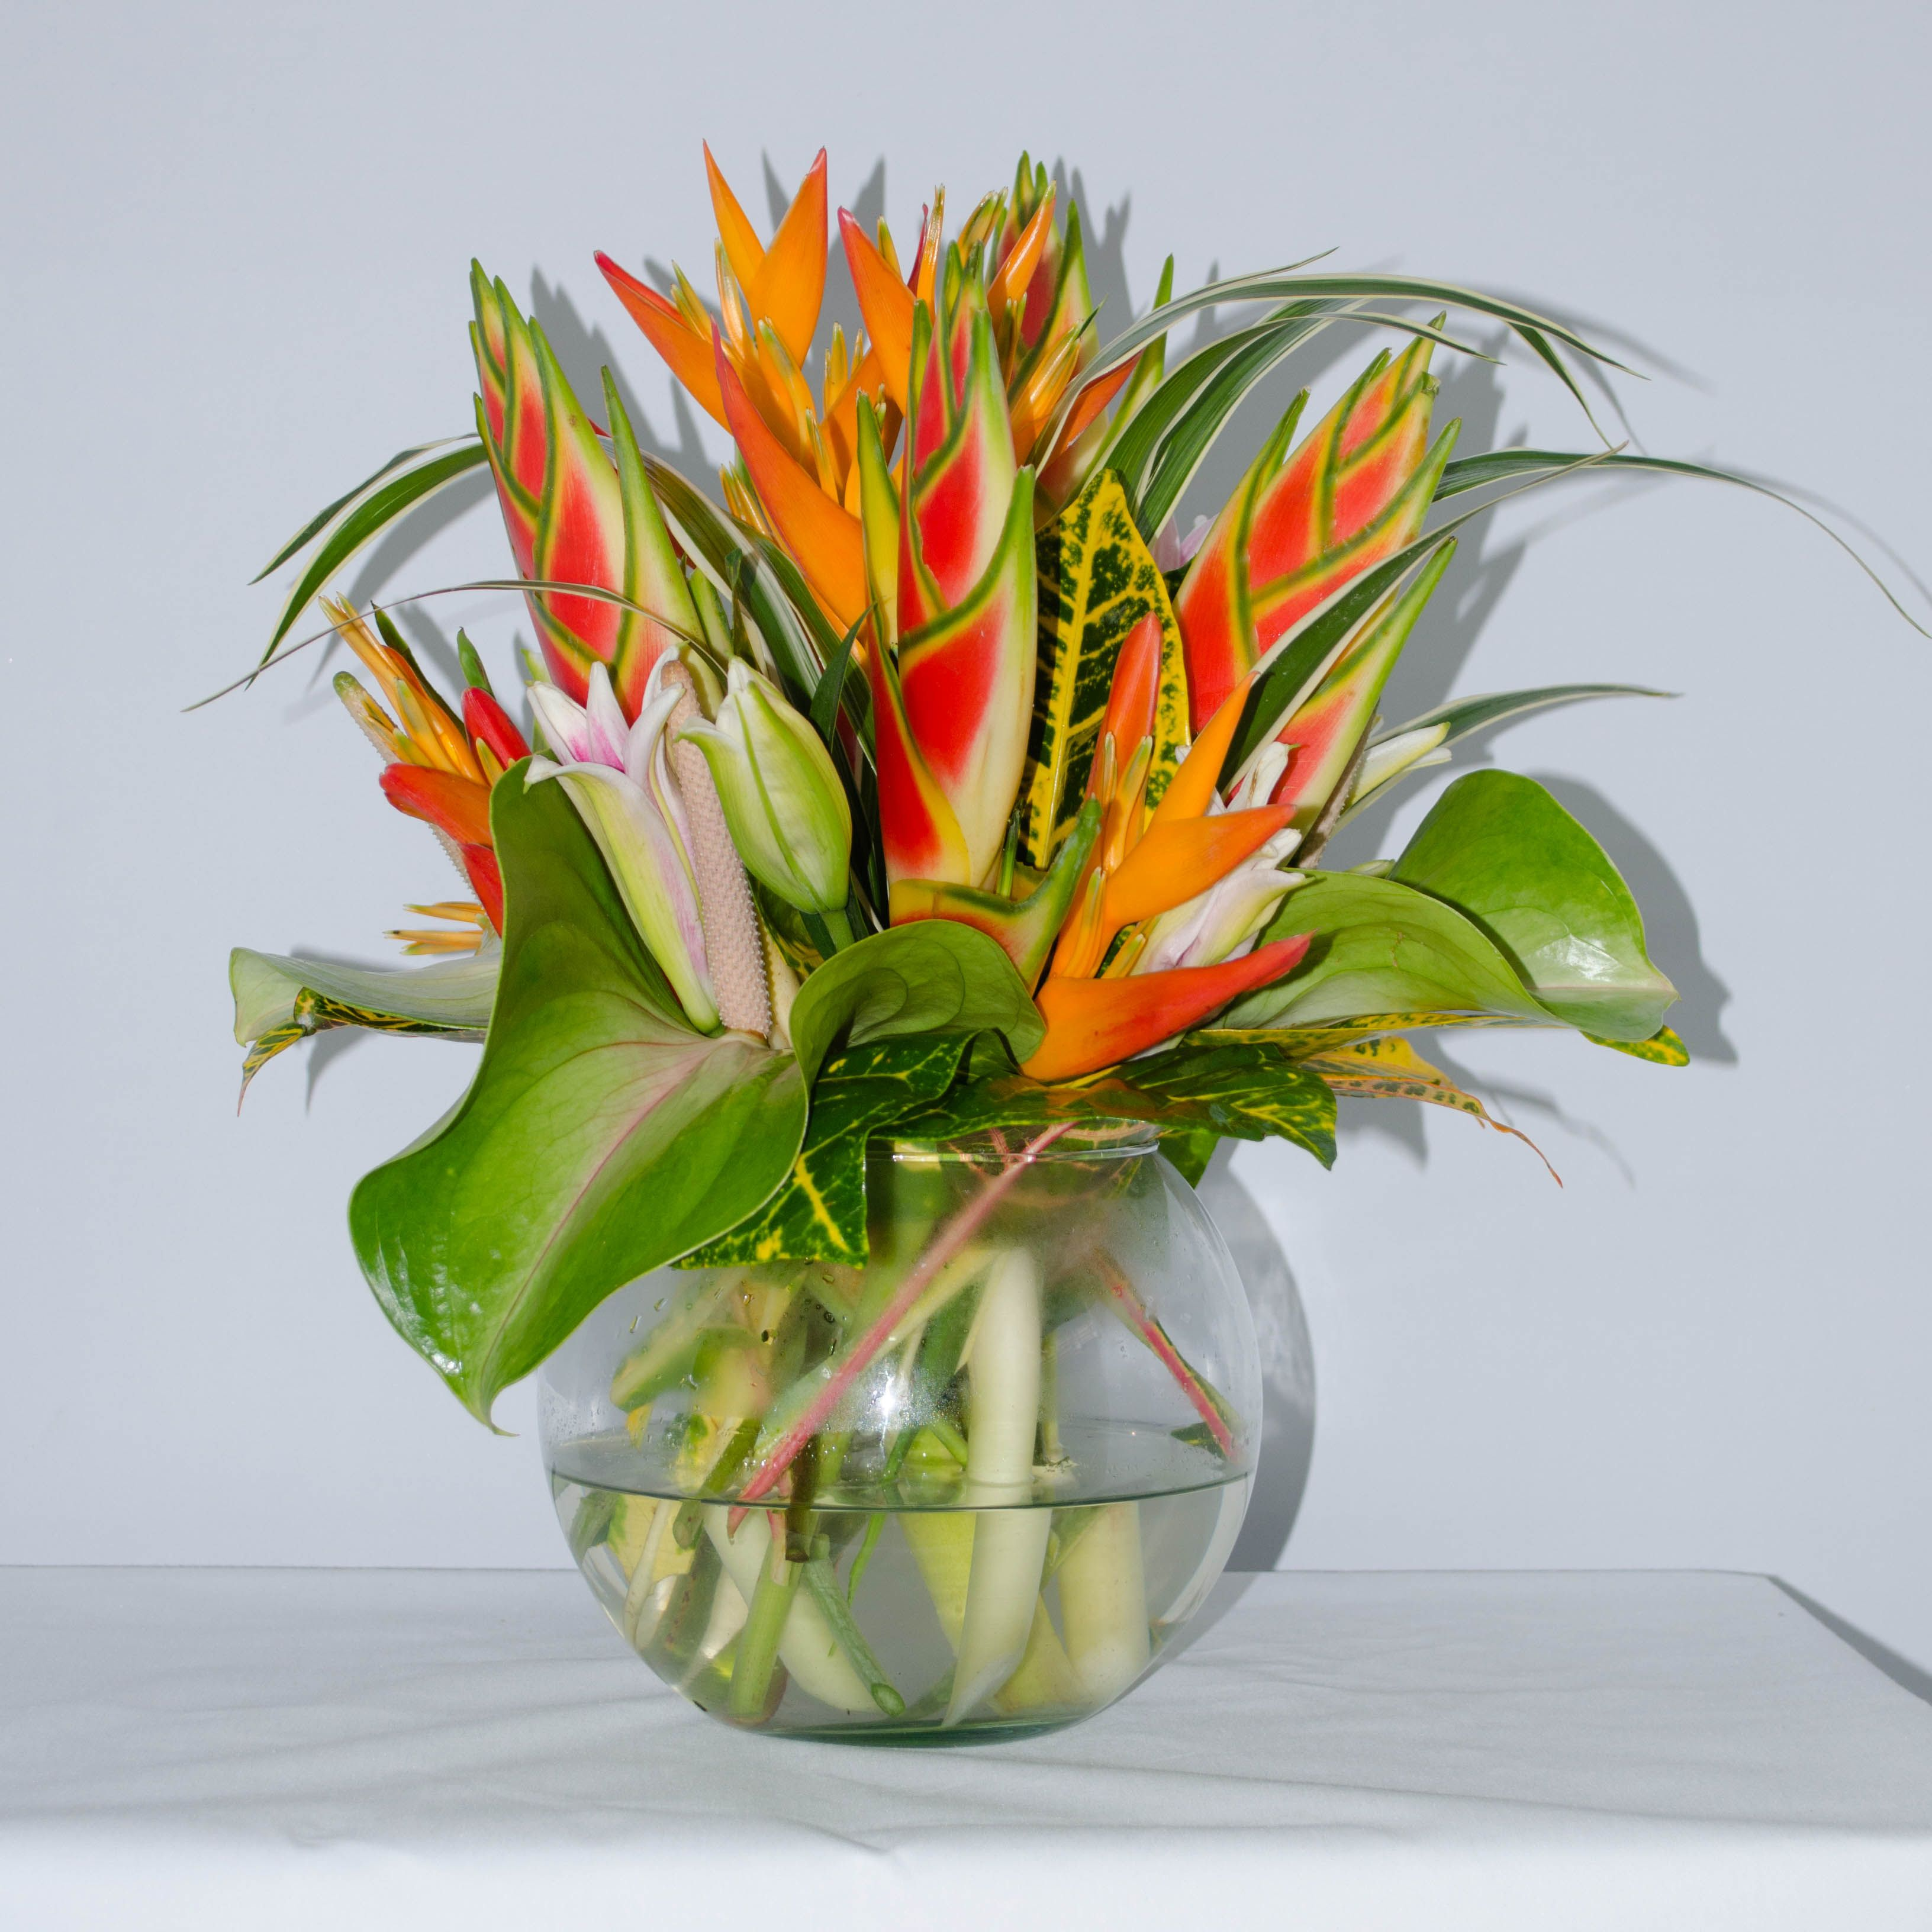 A Bubble Bowl arrangement of Tropical Flowers (Heliconias